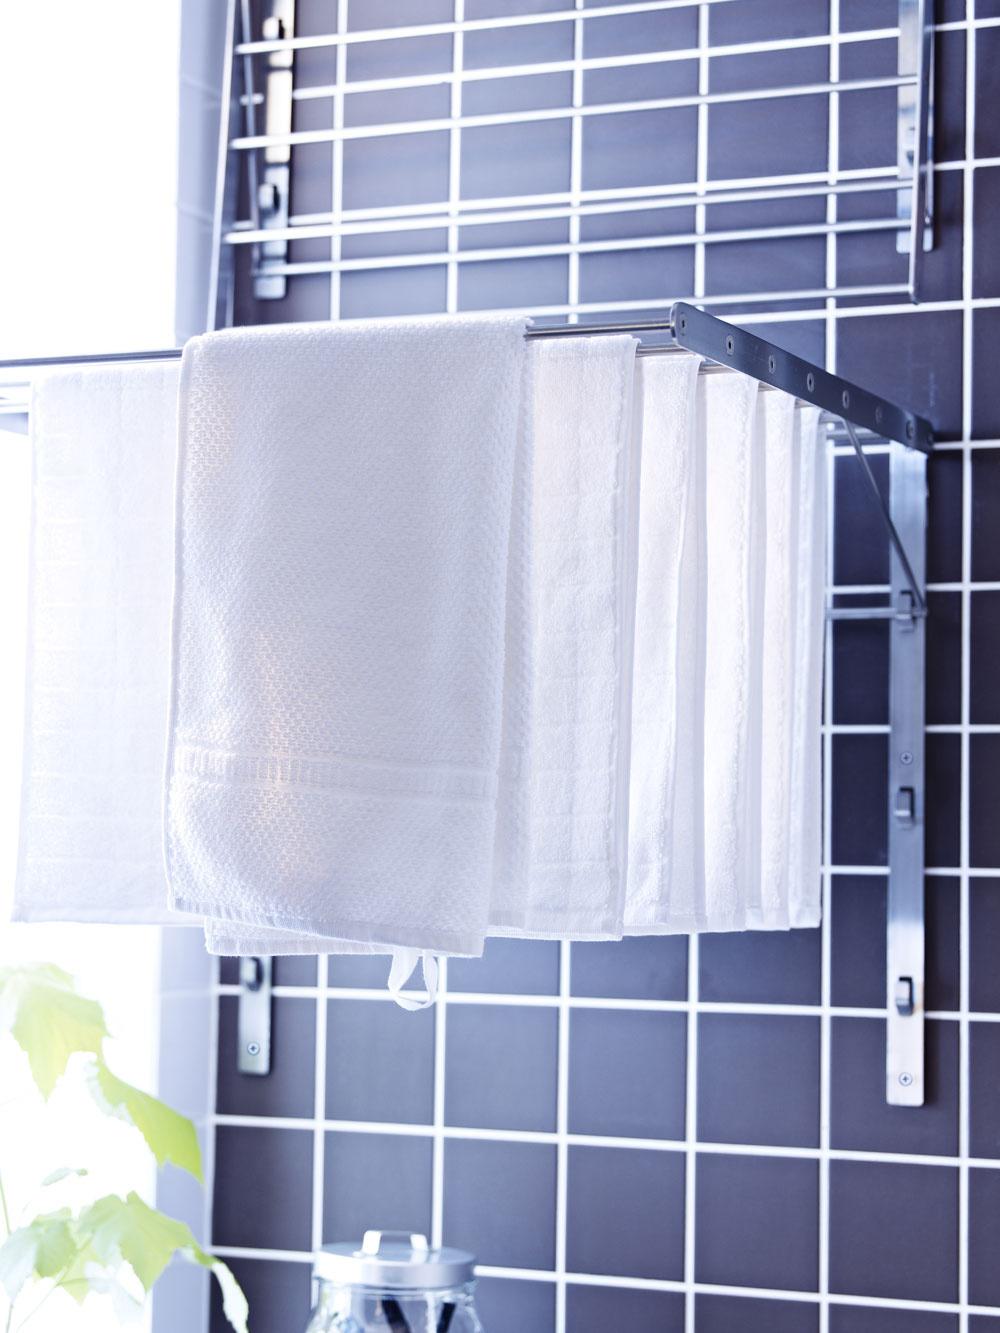 Nie všetky jednoizbové byty či garsónky majú balkón, kde možno vyvesiť opranú bielizeň. Alternatívou sú nástenné sklápacie sušiaky na bielizeň, ktoré sa kapacitne nemôžu rovnať stojanovým, ale postačia tým, ktorí perú len minimálne, prípadne sa uplatnia, ak potrebujete preprať len zopár kusov oblečenia. (foto: IKEA)